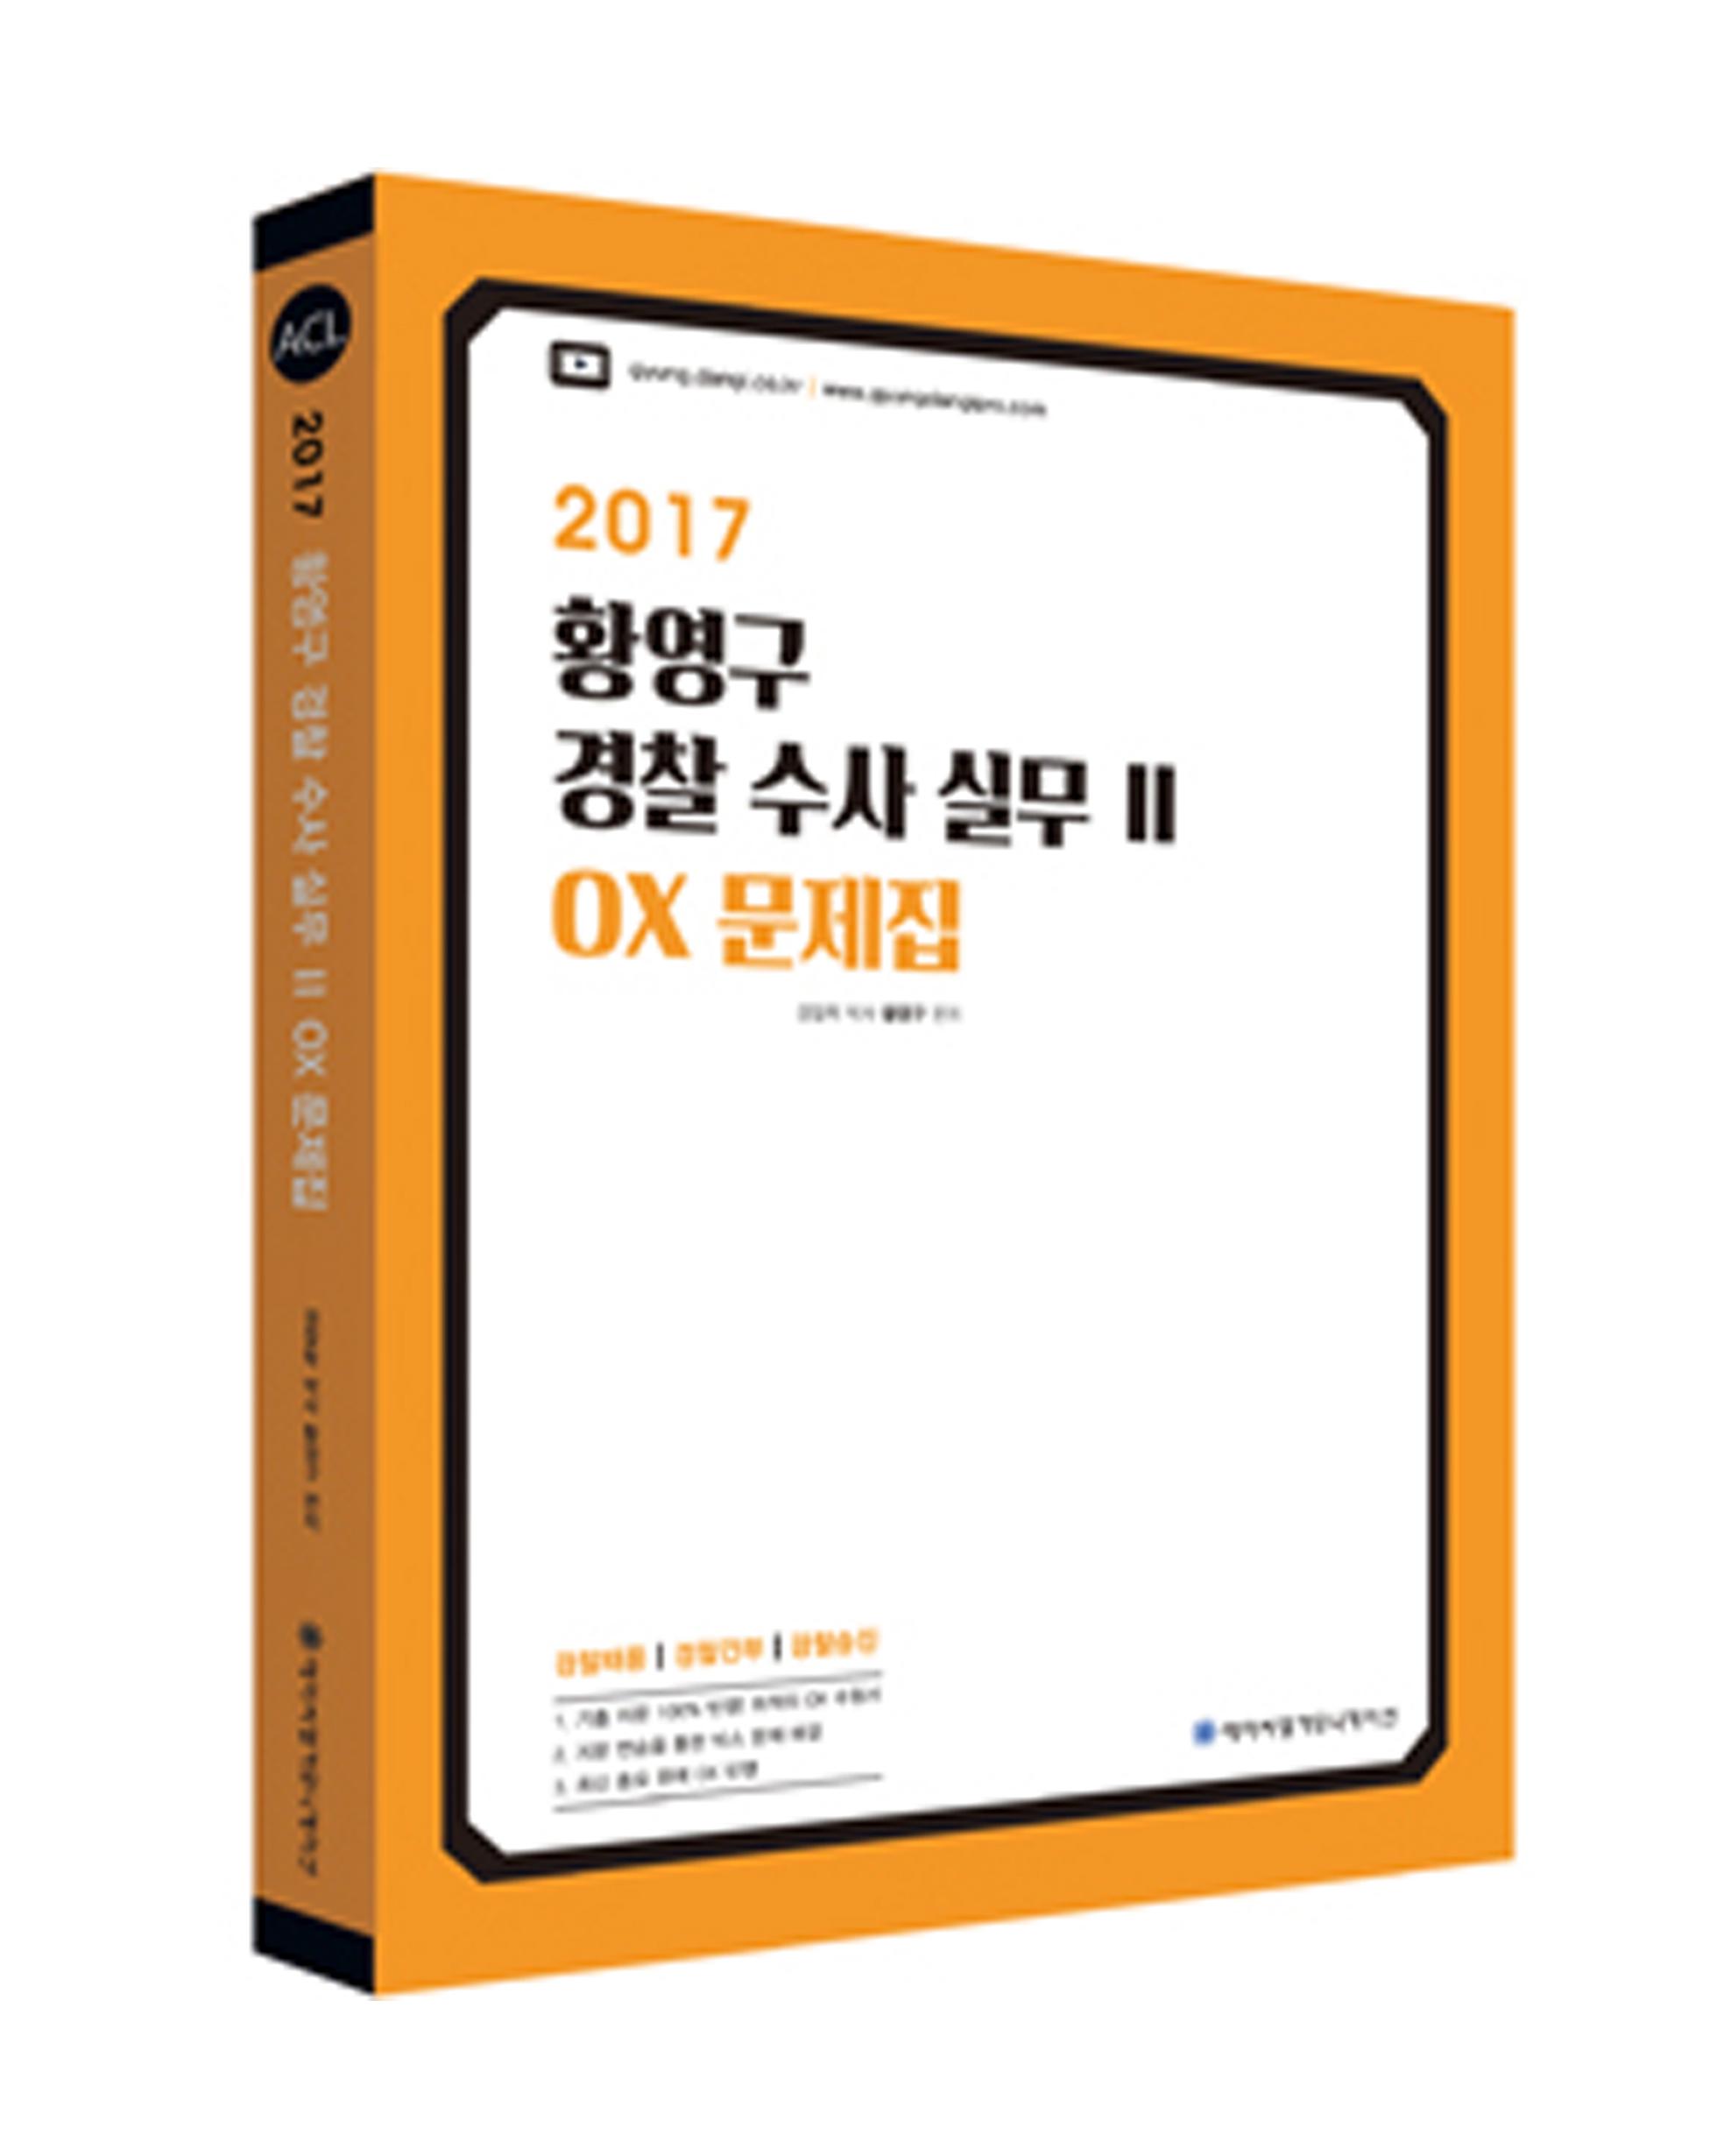 2017 황영구 수사 OX문제집